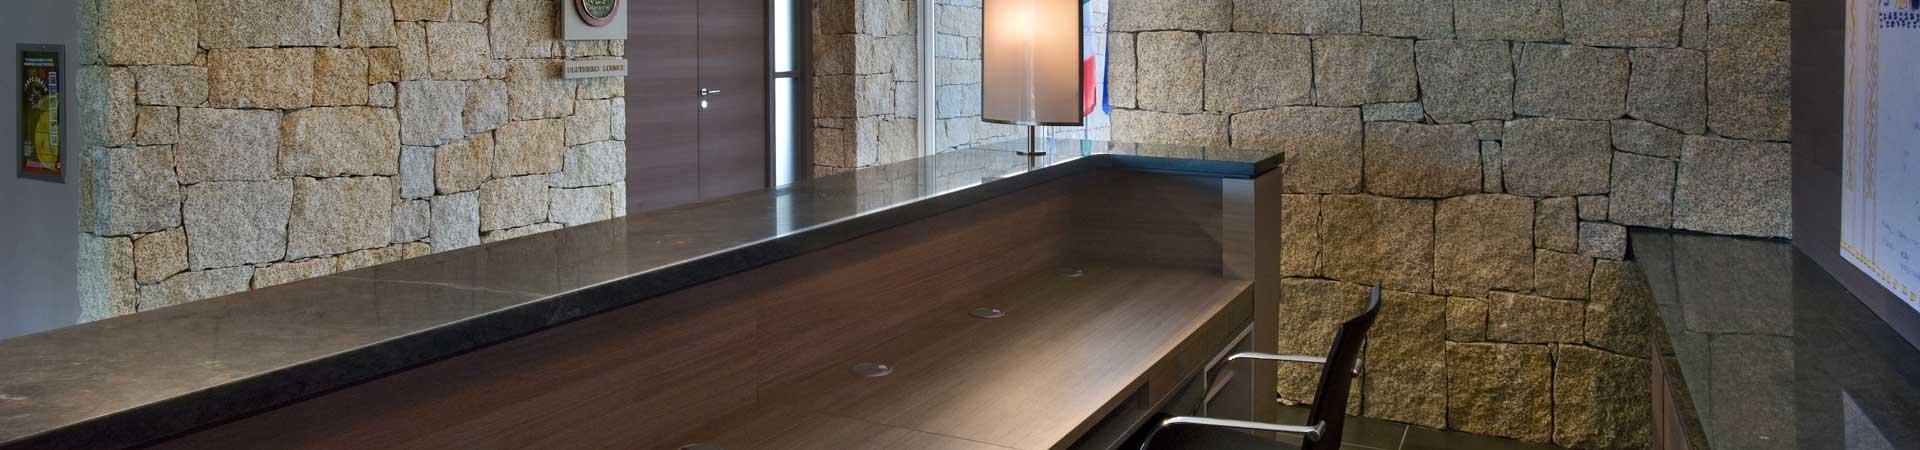 scrivania con decorazione in granito